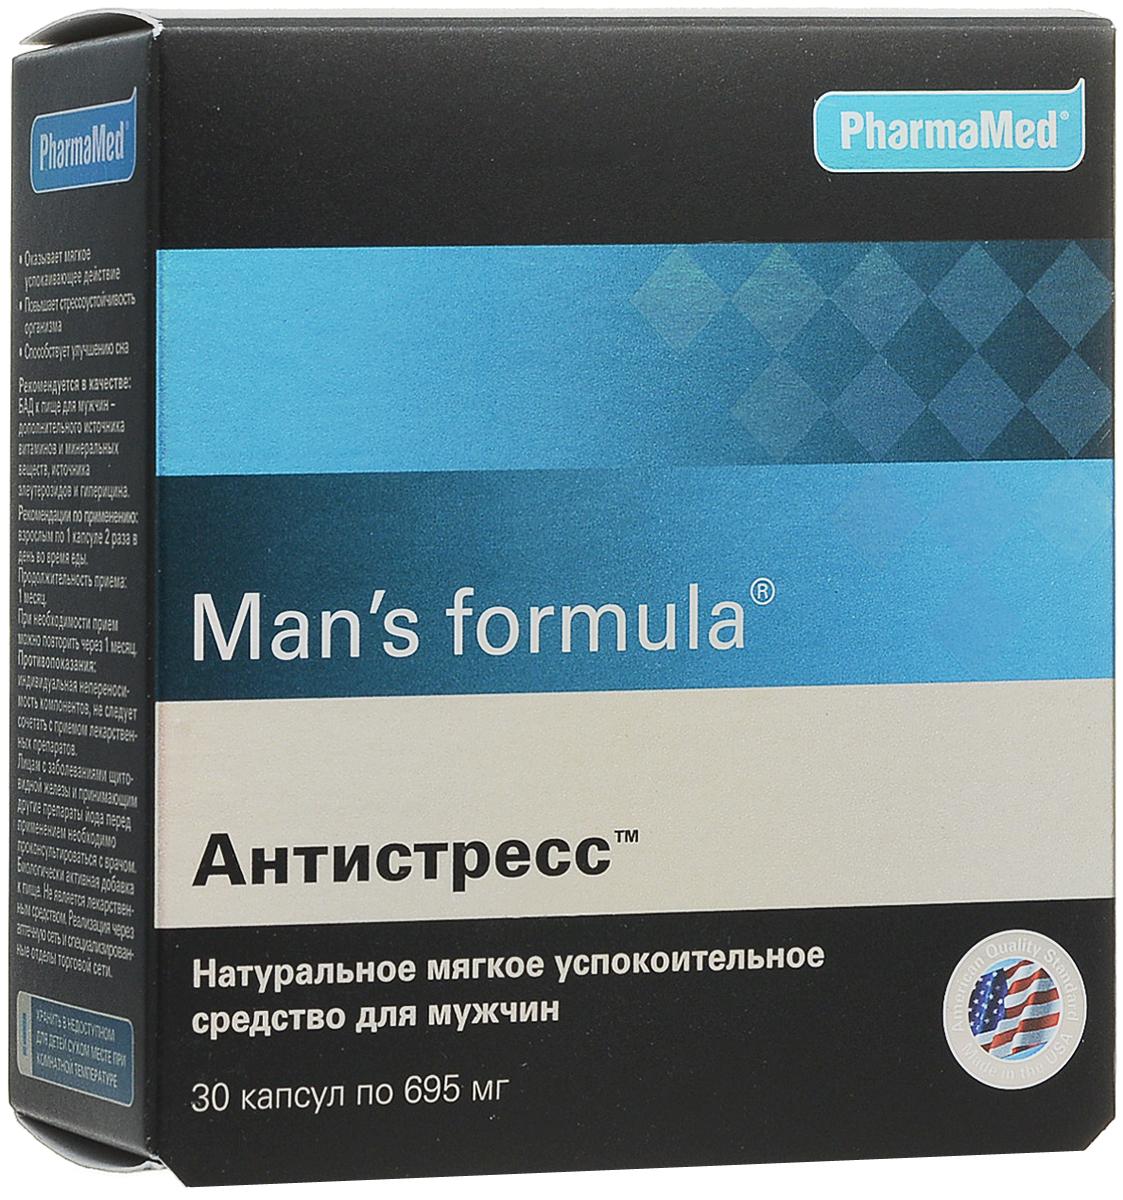 Биокомплекс Mans formula Антистресс, 695 мг х 30 капсул217517Можно ли избавиться от стресса, не прибегая к использованию лекарств? На сегодняшний день одним из самых безопасных и эффективных способов справиться со стрессом является натуральный комплекс Mans formula Антистресс. Созданный с учетом особенностей мужского организма, он устраняет разрушающее воздействие стрессов. Благодаря сбалансированному составу Mans formula Антистресс обогащает организм именно теми витаминами и микроэлементами, которые наиболее быстро сгорают во время стресса, Действие комплекса Антистресс усиленно растительными компонентами, которые обеспечивают максимальную эффективность при сохранении высокой безопасности применения. Mans formula Антистресс быстро снимает эмоциональное напряжение, поднимает настроение, повышает работоспособность, нормализует сон. Натуральный состав и отсутствие побочных эффектов позволяет рекомендовать Антистресс™ для длительного и безопасного применения мужчинам разного возраста. Mans formula Антистресс - сильное решение успешного мужчины!Товар сертифицирован.